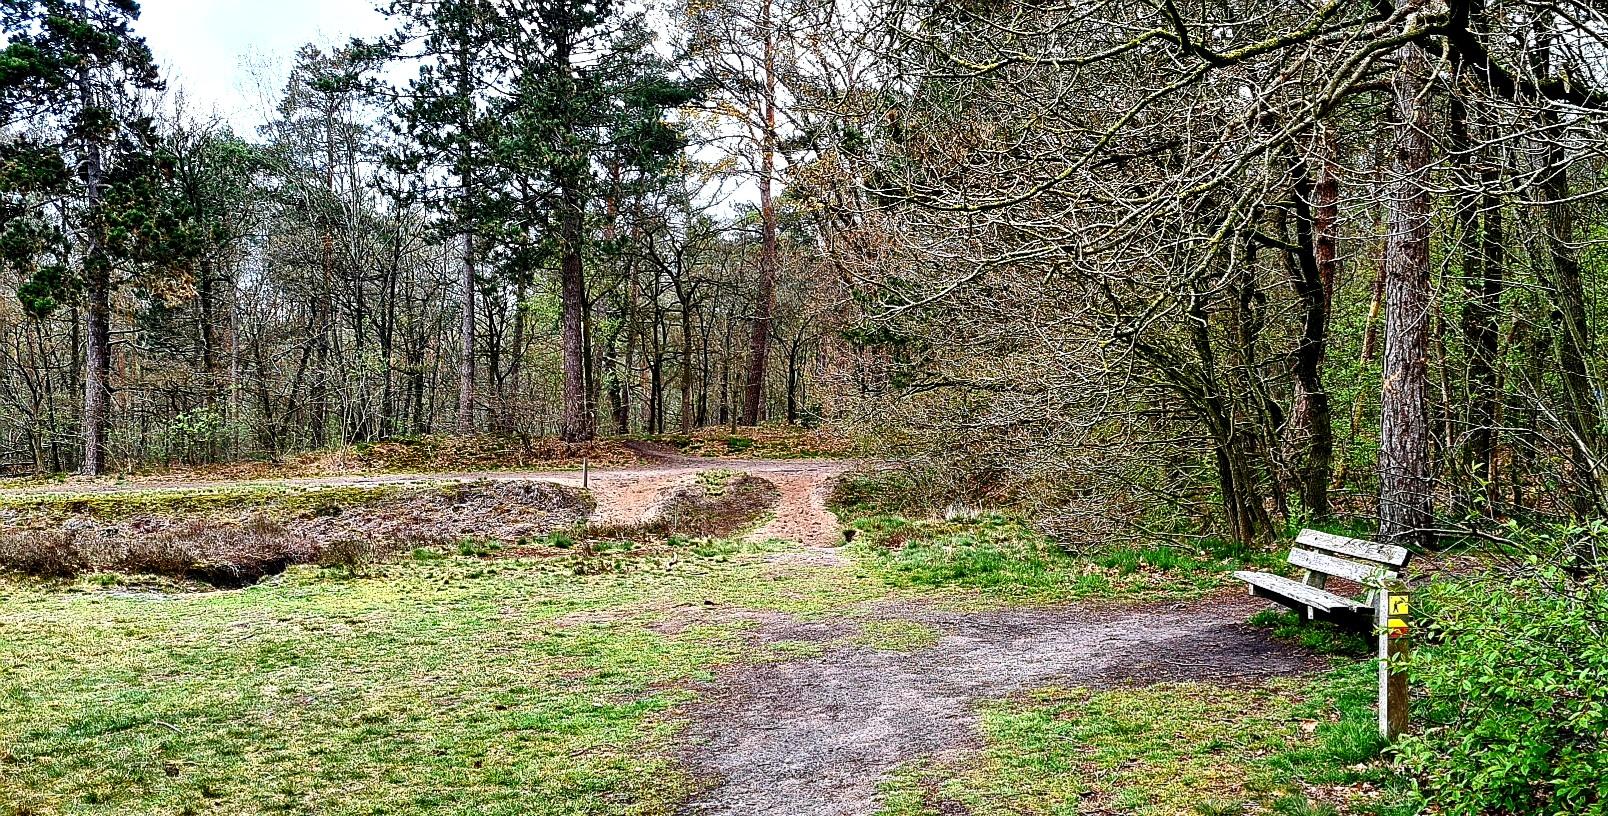 rt-natuurlopend-wandelbankjes-in-het-mooiste-bos-van-emmen-het-noordbargerbos-drenthe-https-t-co-jjqfpvewfl